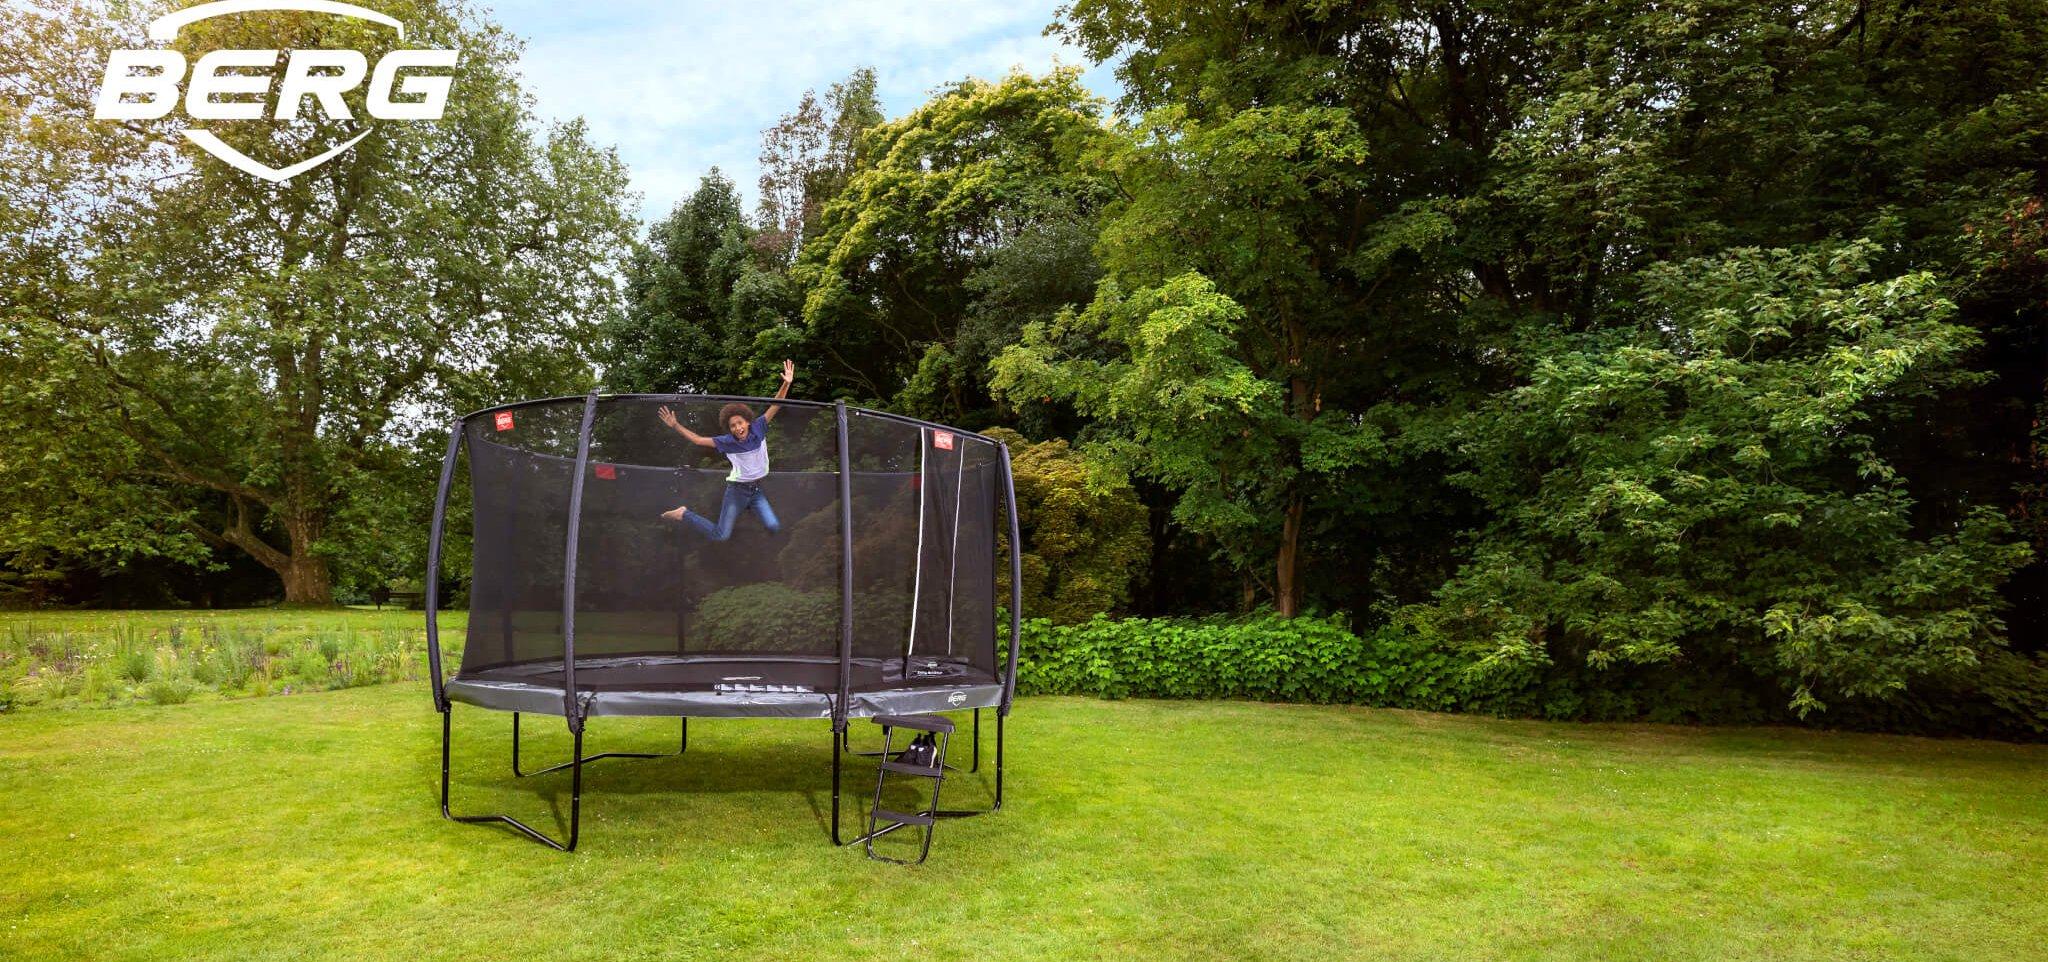 Warum ein BERG-Trampolin kaufen? - Ratgeber - Test - trampolin-profi.de